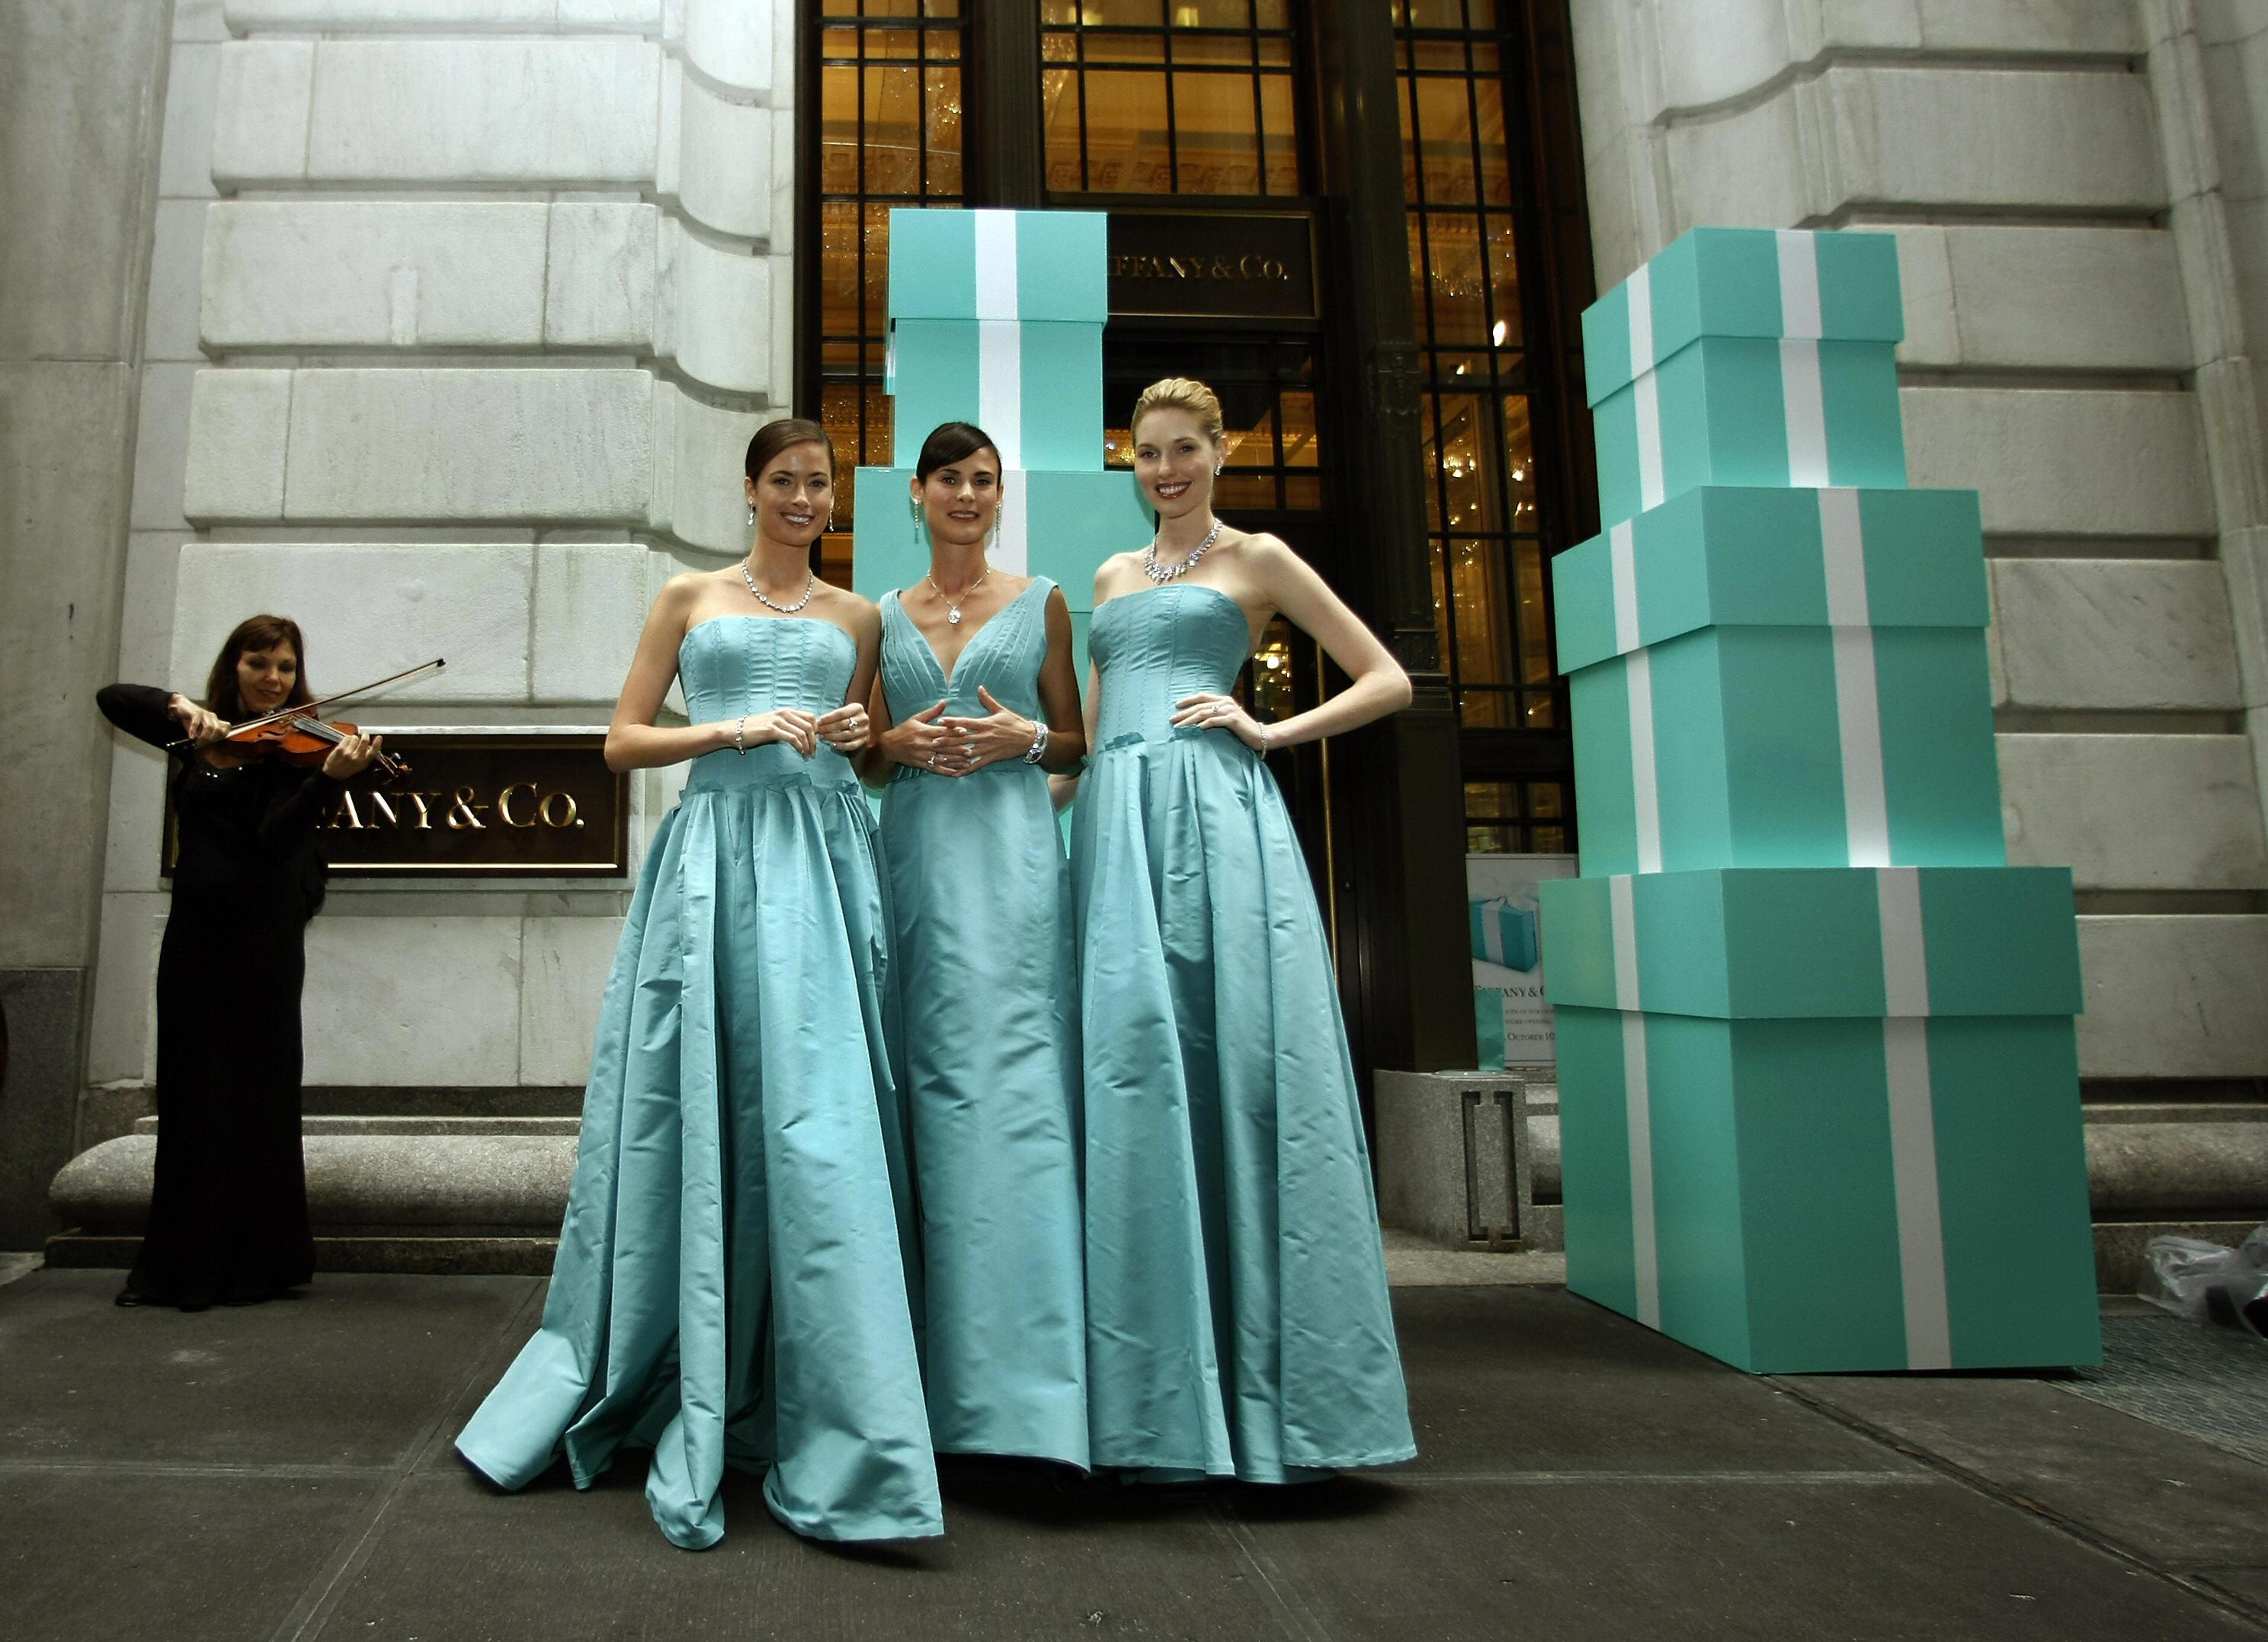 qualità stabile speciale per scarpa fashion style Azzurro Tiffany: idee per abbinare quel che chiamano verde ...